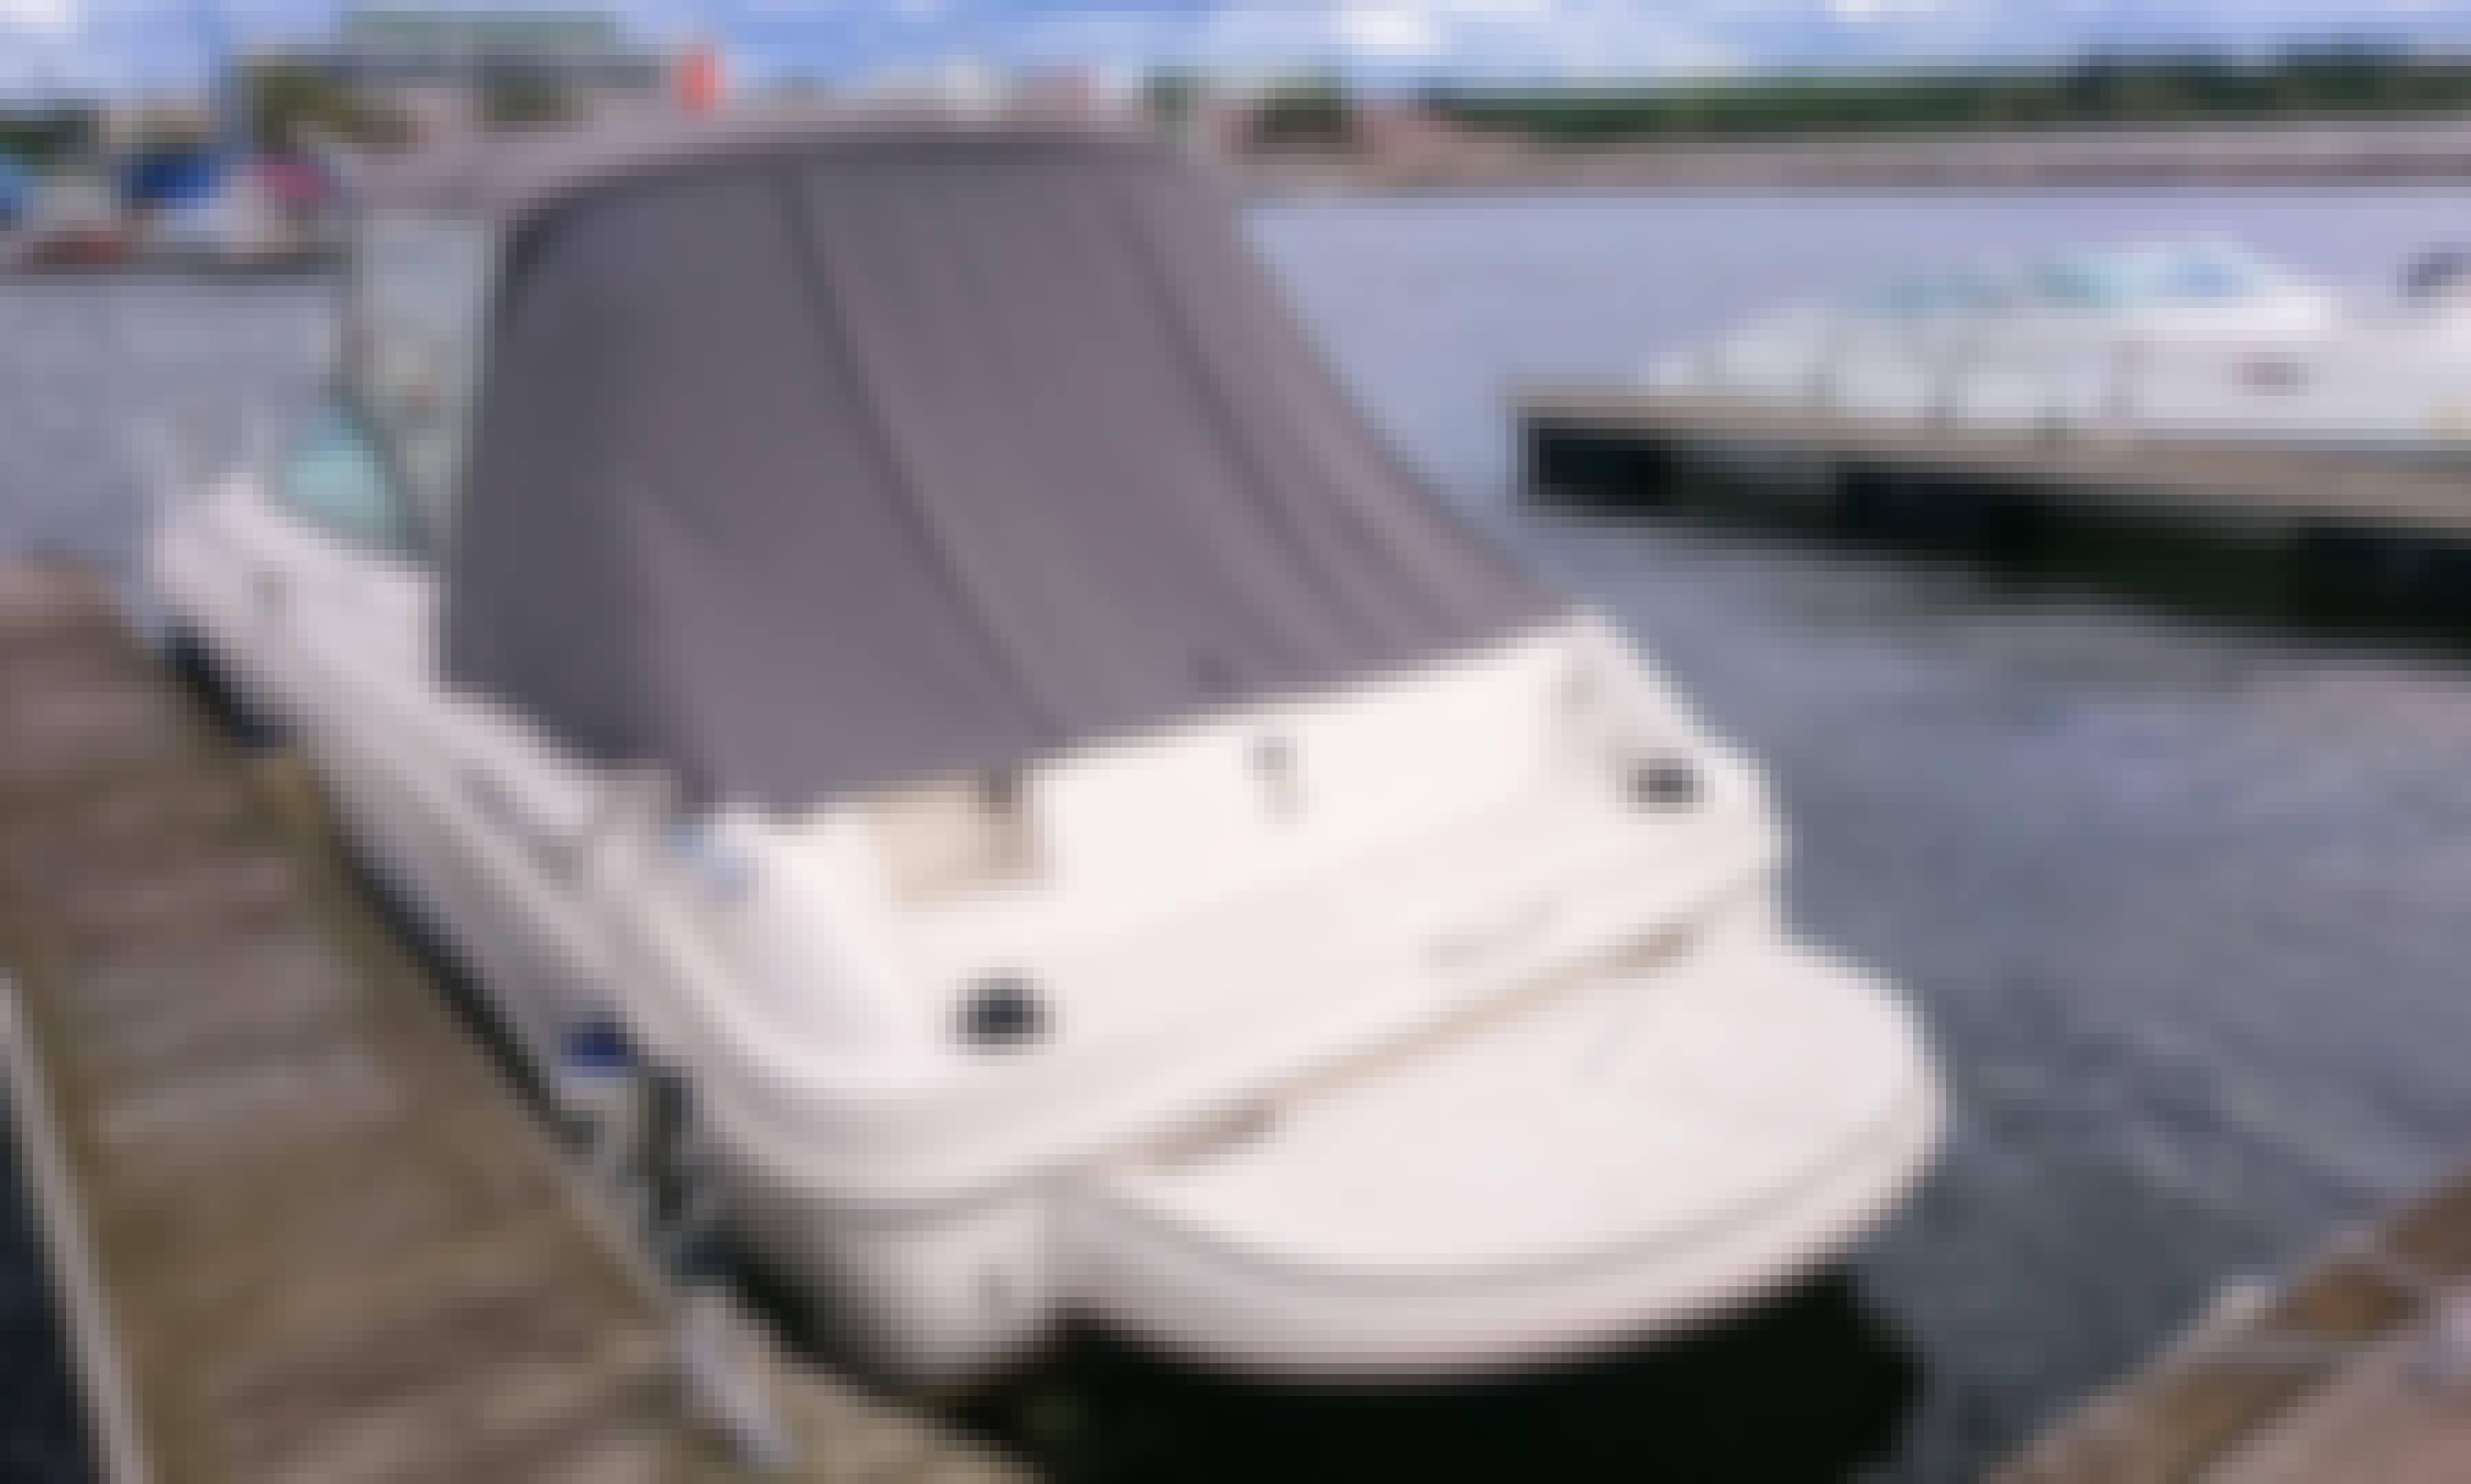 Sea Ray 225 Weekender Powerboat for Rent in Tallinn, Estonia